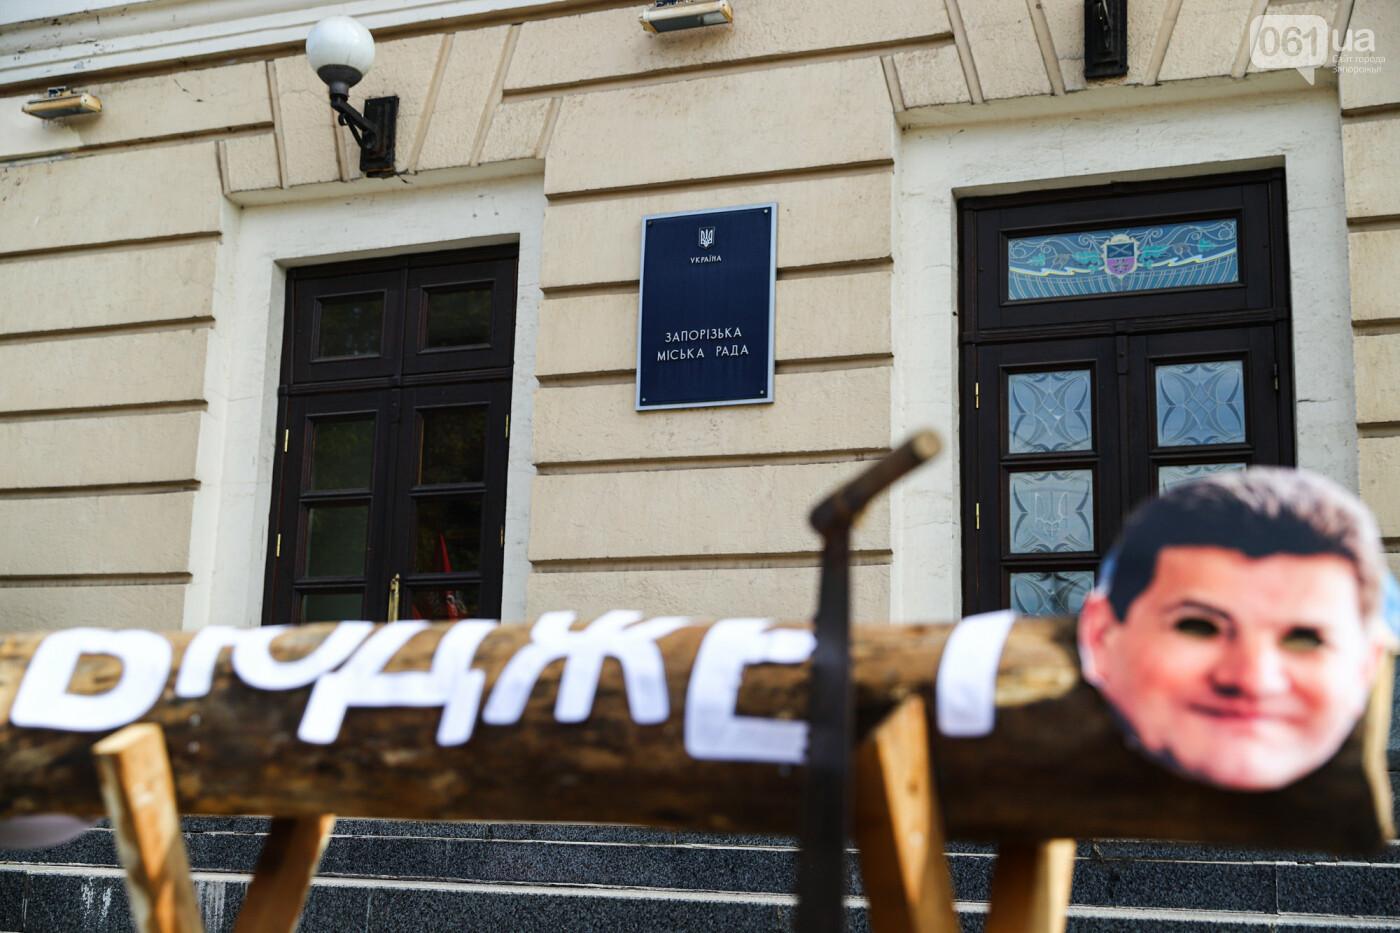 С пилами и в масках: в Запорожье возле мэрии активисты показали, как распиливают городской бюджет, - ФОТОРЕПОРТАЖ, фото-7